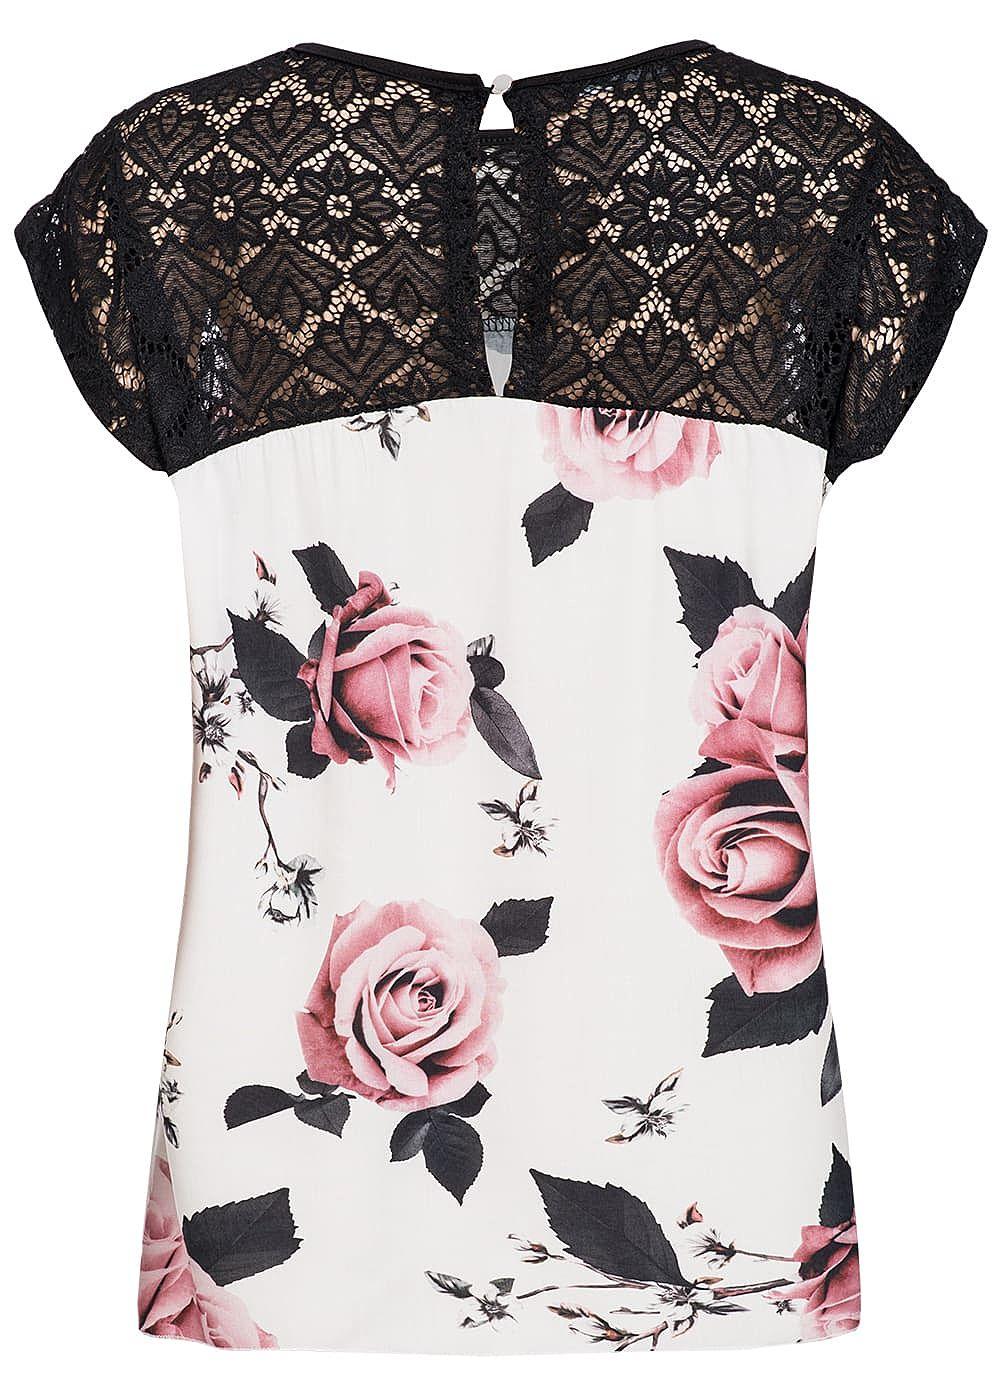 styleboom fashion damen blusen top spitze rosen print weiss schwarz 77onlineshop. Black Bedroom Furniture Sets. Home Design Ideas